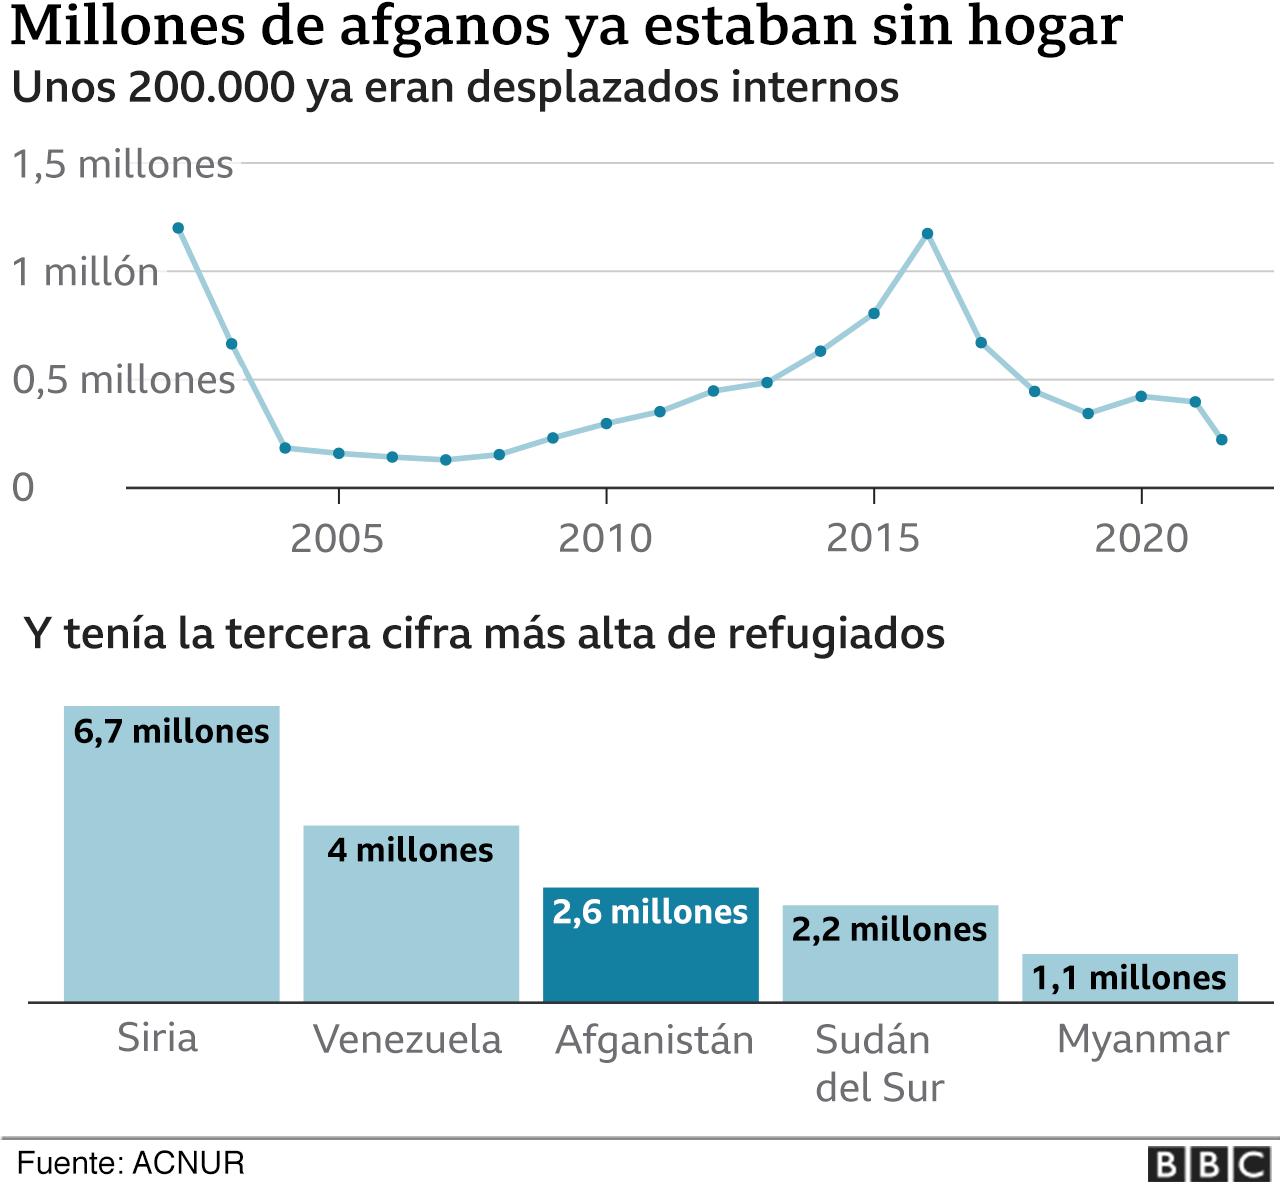 Gráfico con la cifra de refugiados en varios países, incluyendo Afganistán